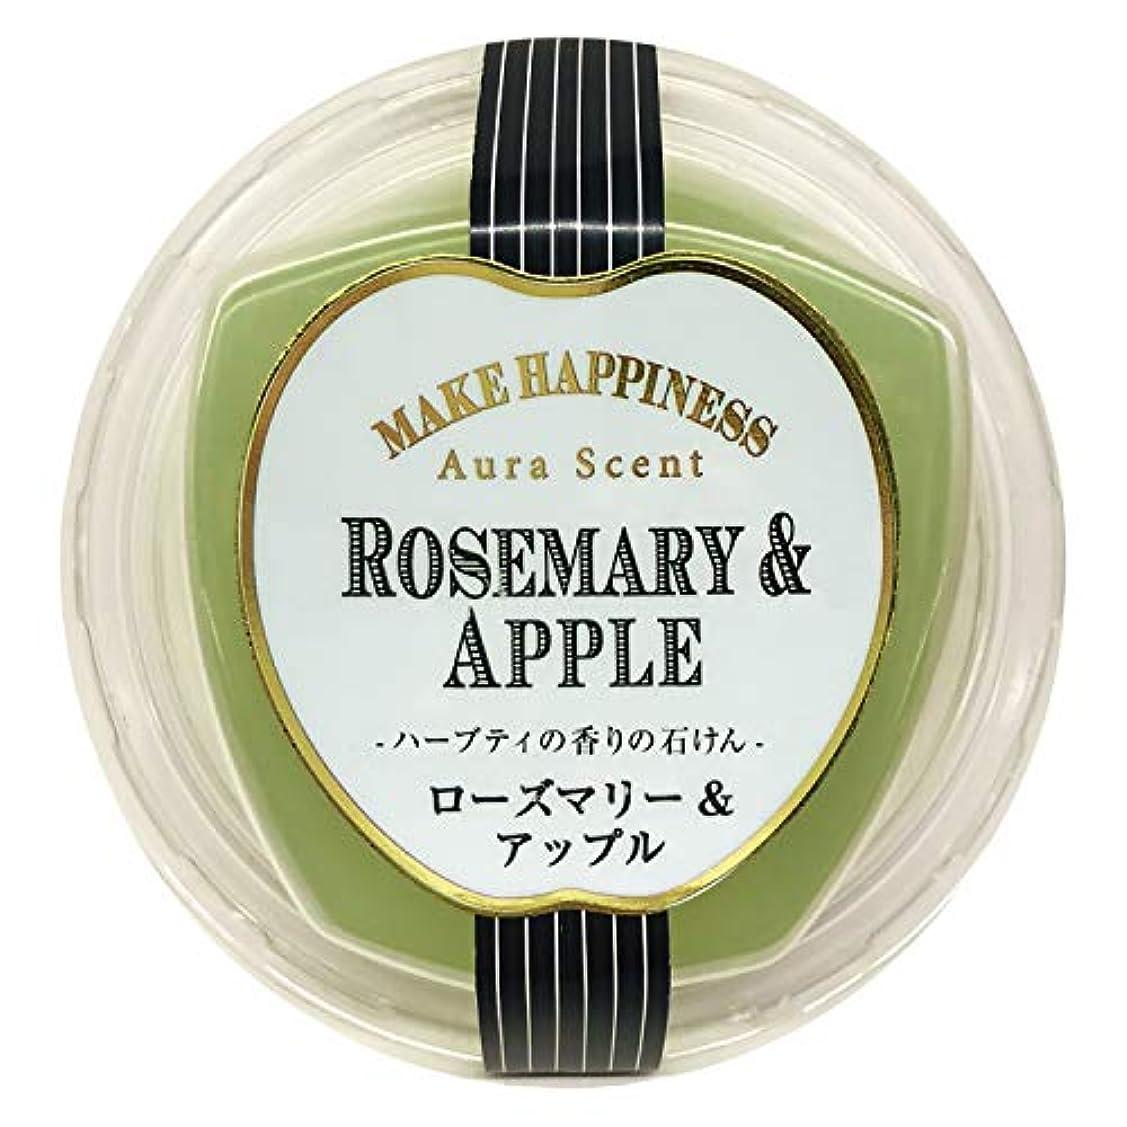 成り立つ凍るに関してペリカン石鹸 オーラセント クリアソープ ローズマリー&アップル 75g